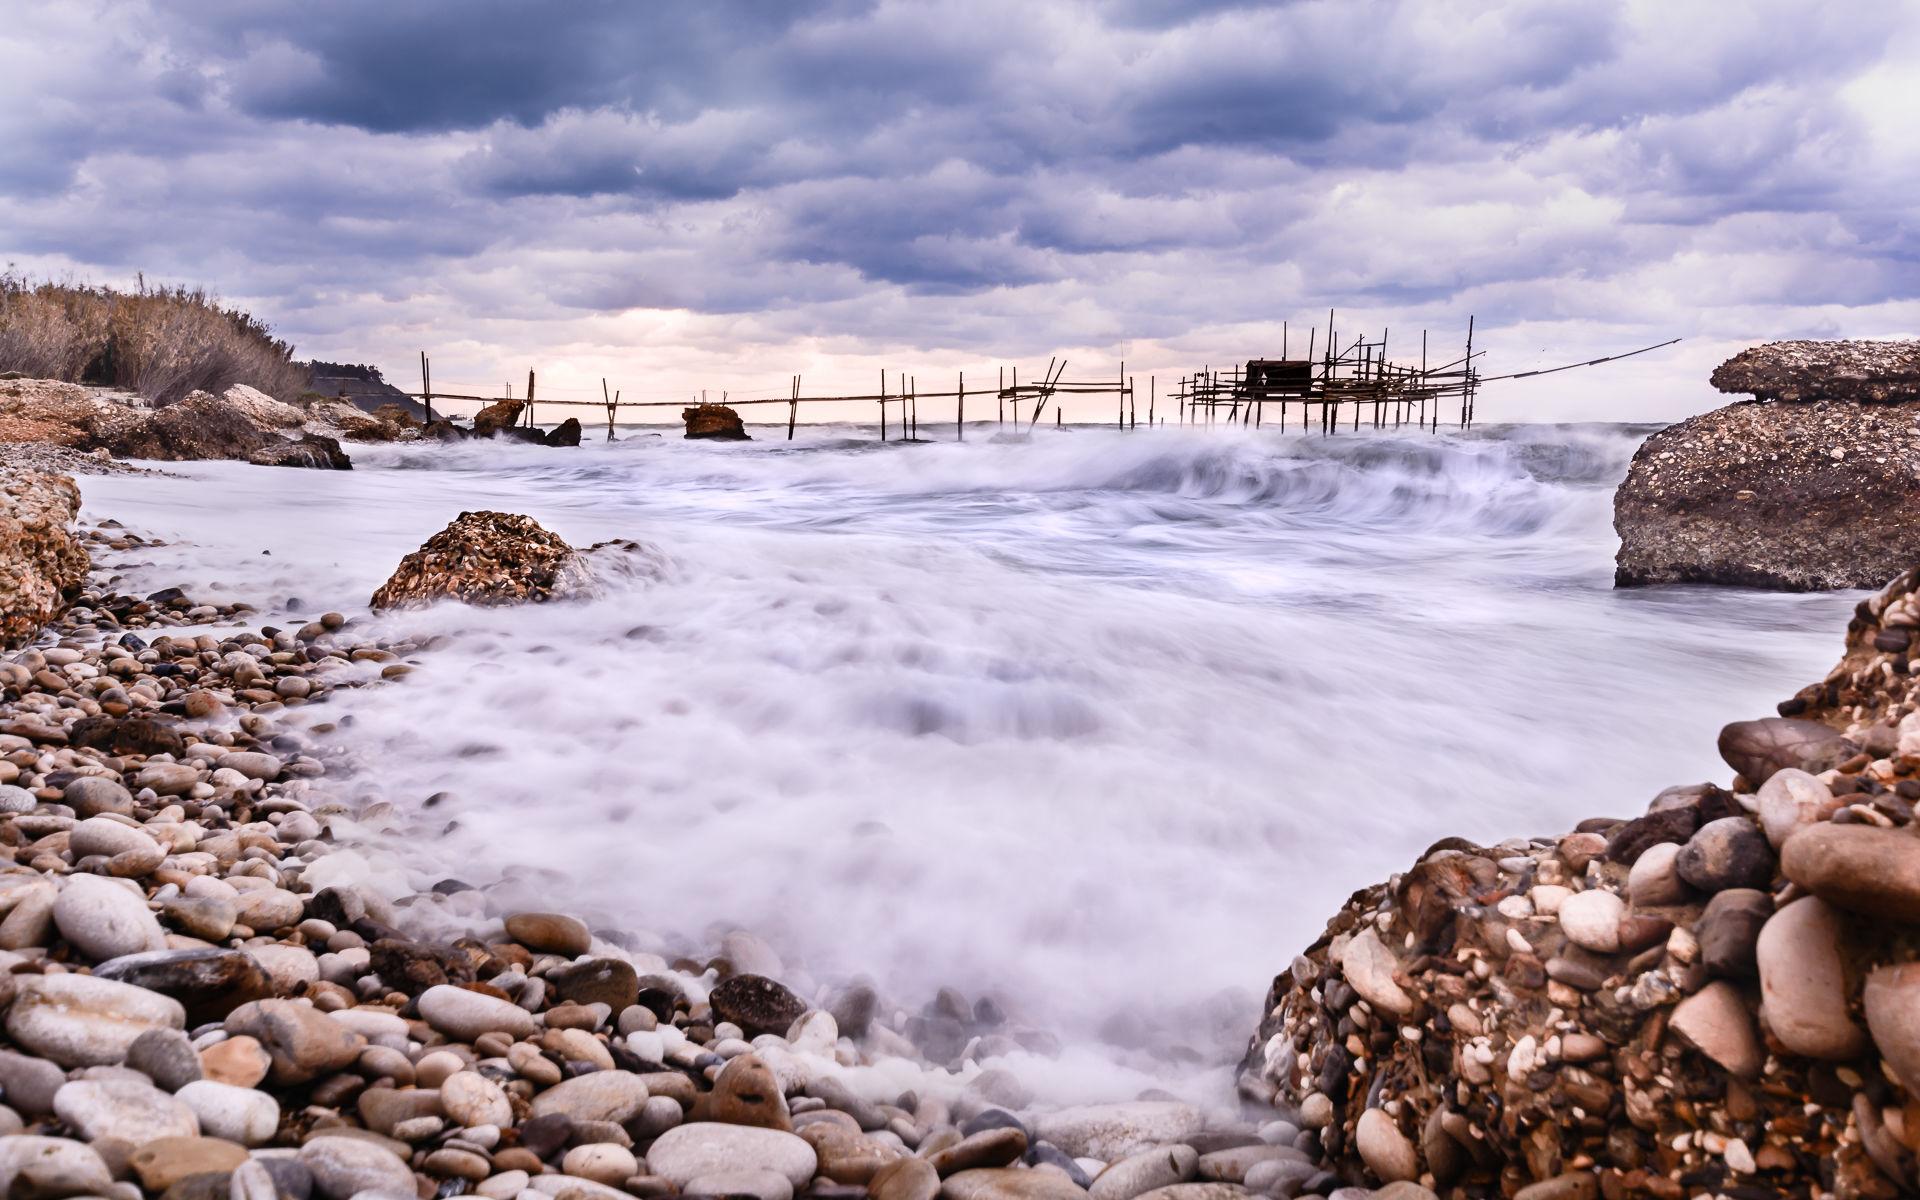 Among the rocks and waves...